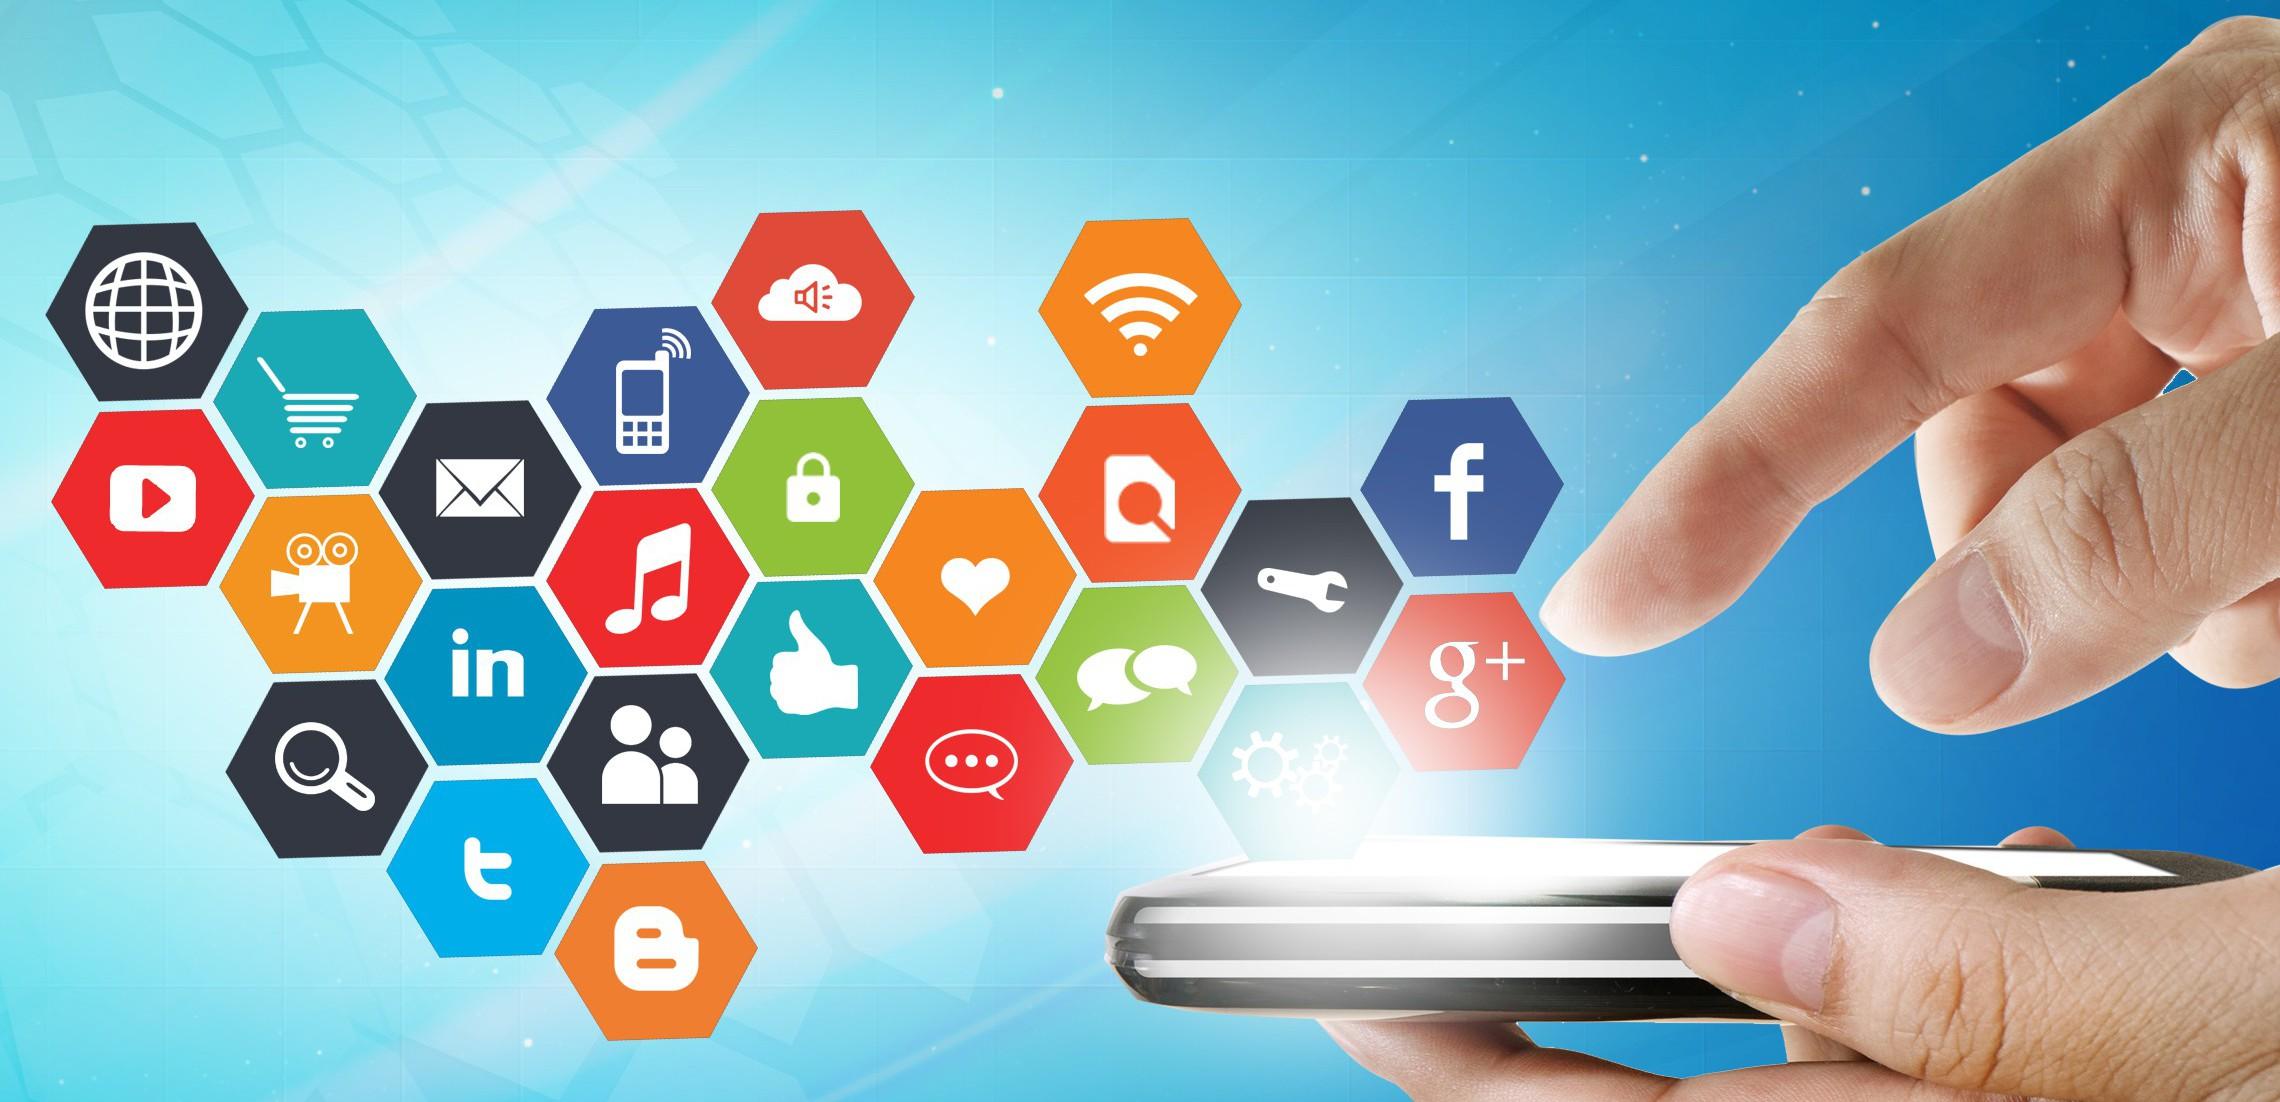 Melhore sua presença digital em 5 passos